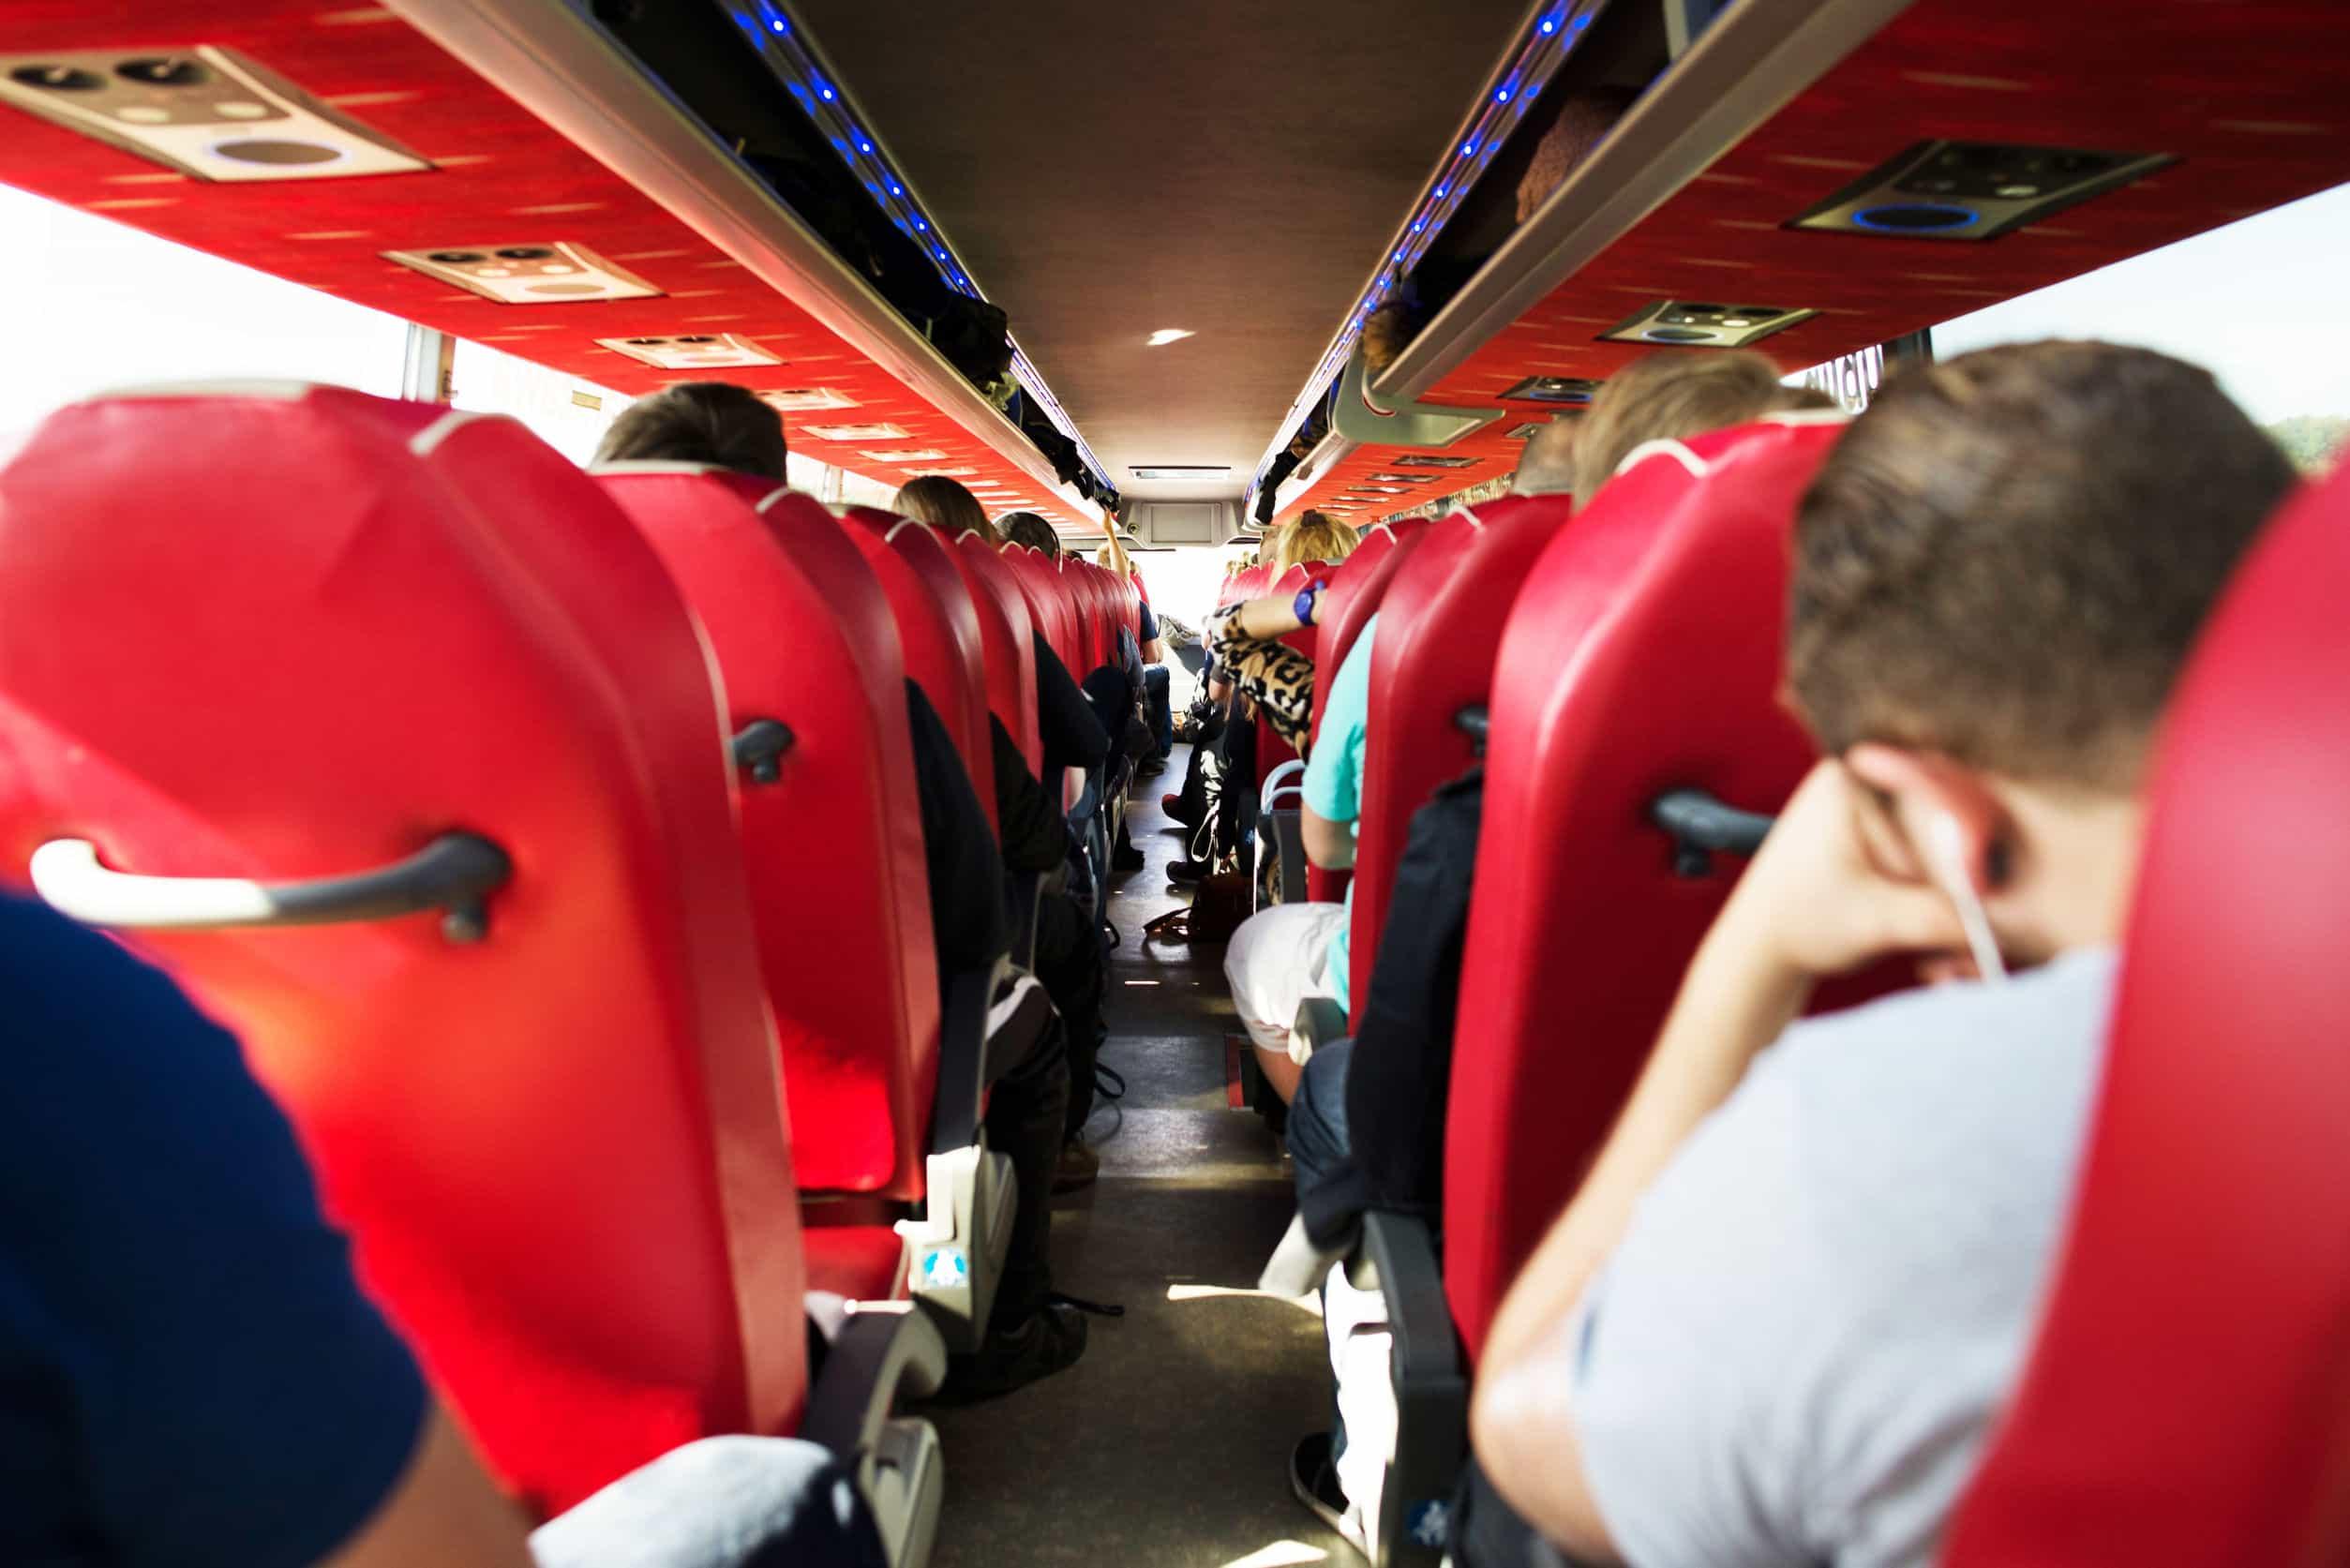 Auto bús rojo, inteior, vista pasajero